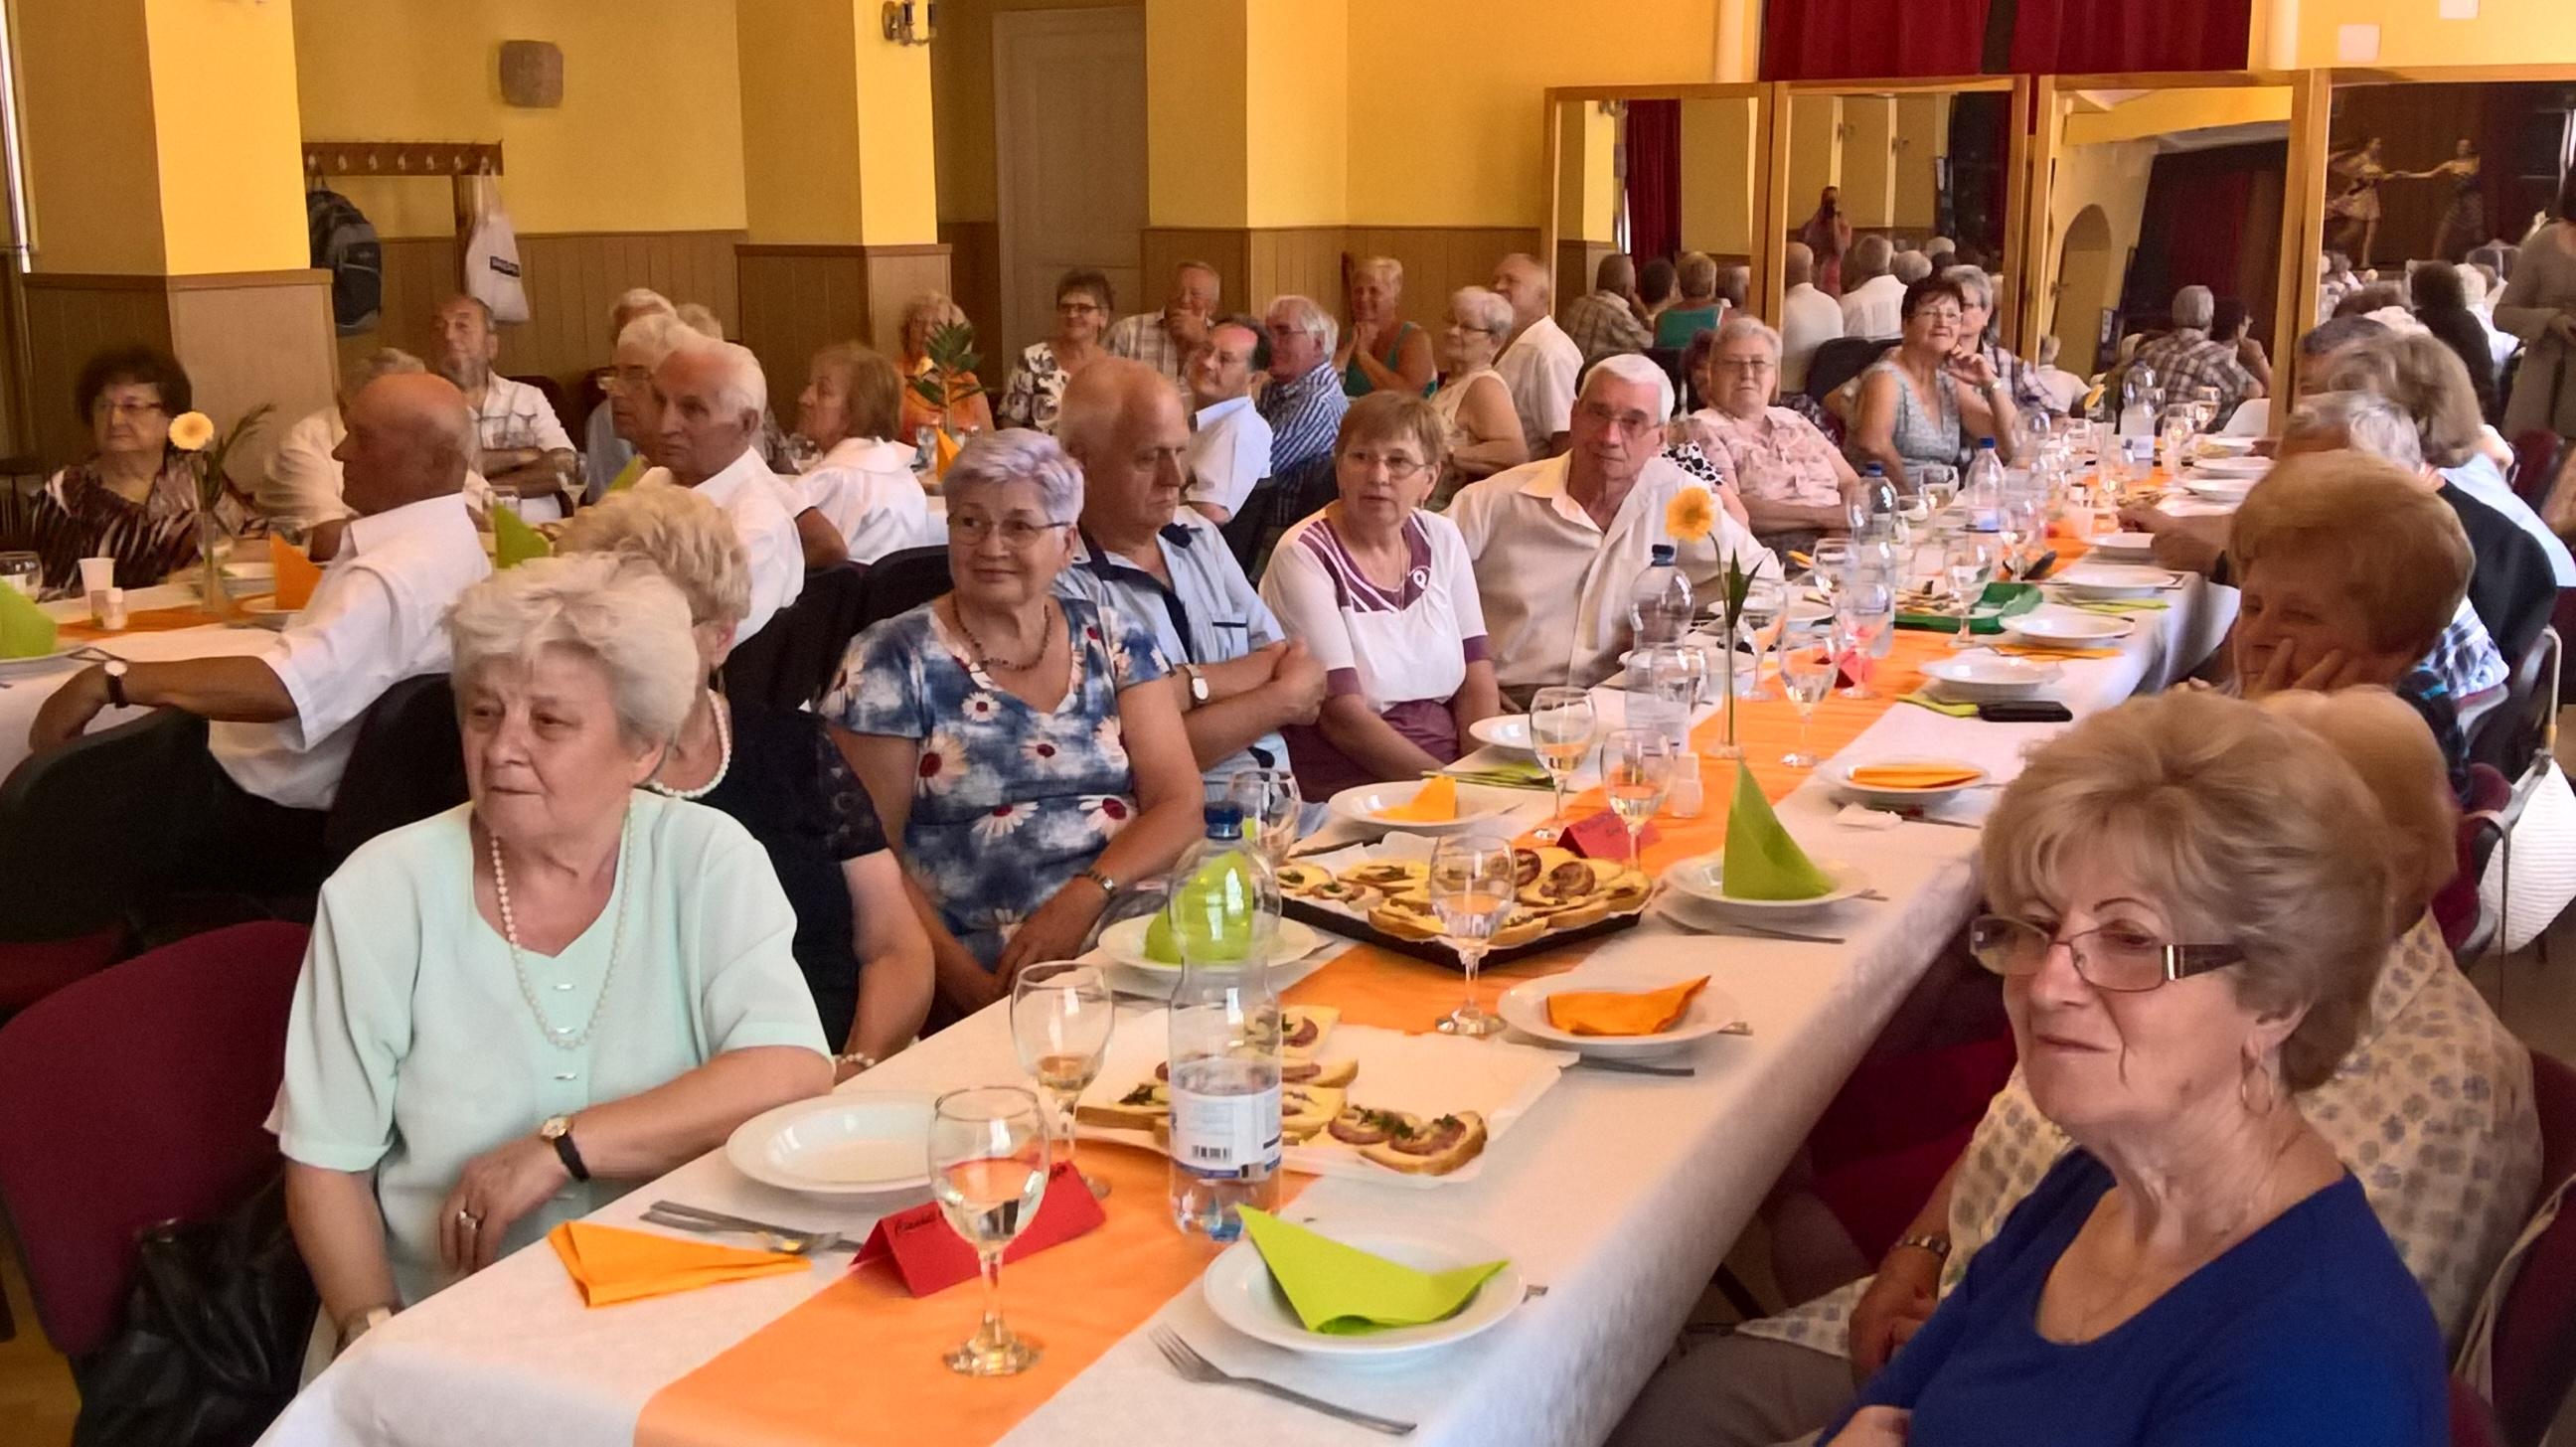 XIV. Dunántúli Vasutas Nyugdíjas Klubok Kulturális és Baráti Találkozója